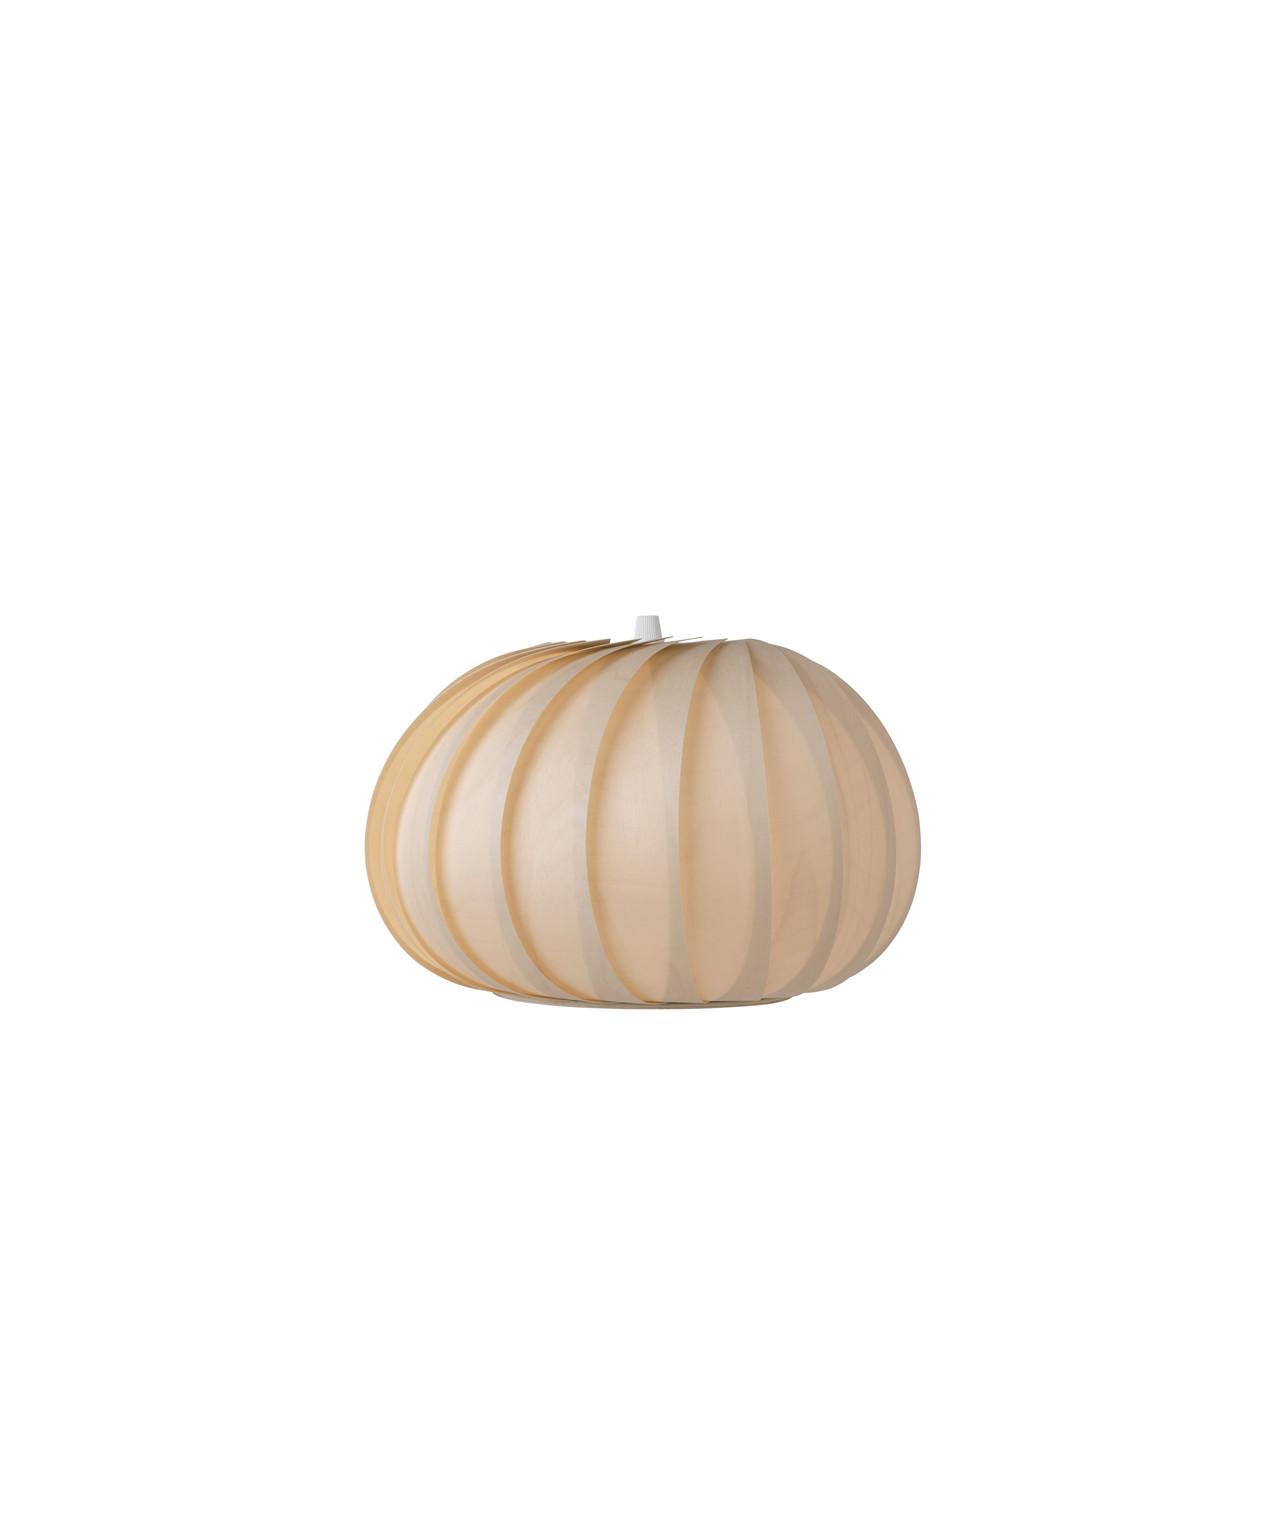 DesignTom Rossau for TomRossau Koncept TR23 Pendel Birch Natural er en smuk og enestående lampe, som passer godt ind i mange hjem pga. det flotte udseende, kombineret med et behageligt og flot lys. Danske Tom Rossau har skabt en række enestående designlamper i lette og elegante former, produceret i tyndt træfiner, plast og kobber og med sit bredde sortiment indenfor både pendler, bordlamper og gulvlamper har du rig mulighed for at finde en lampe fra Tom Rossau der kan passe ind i lige præcis dit hjem.